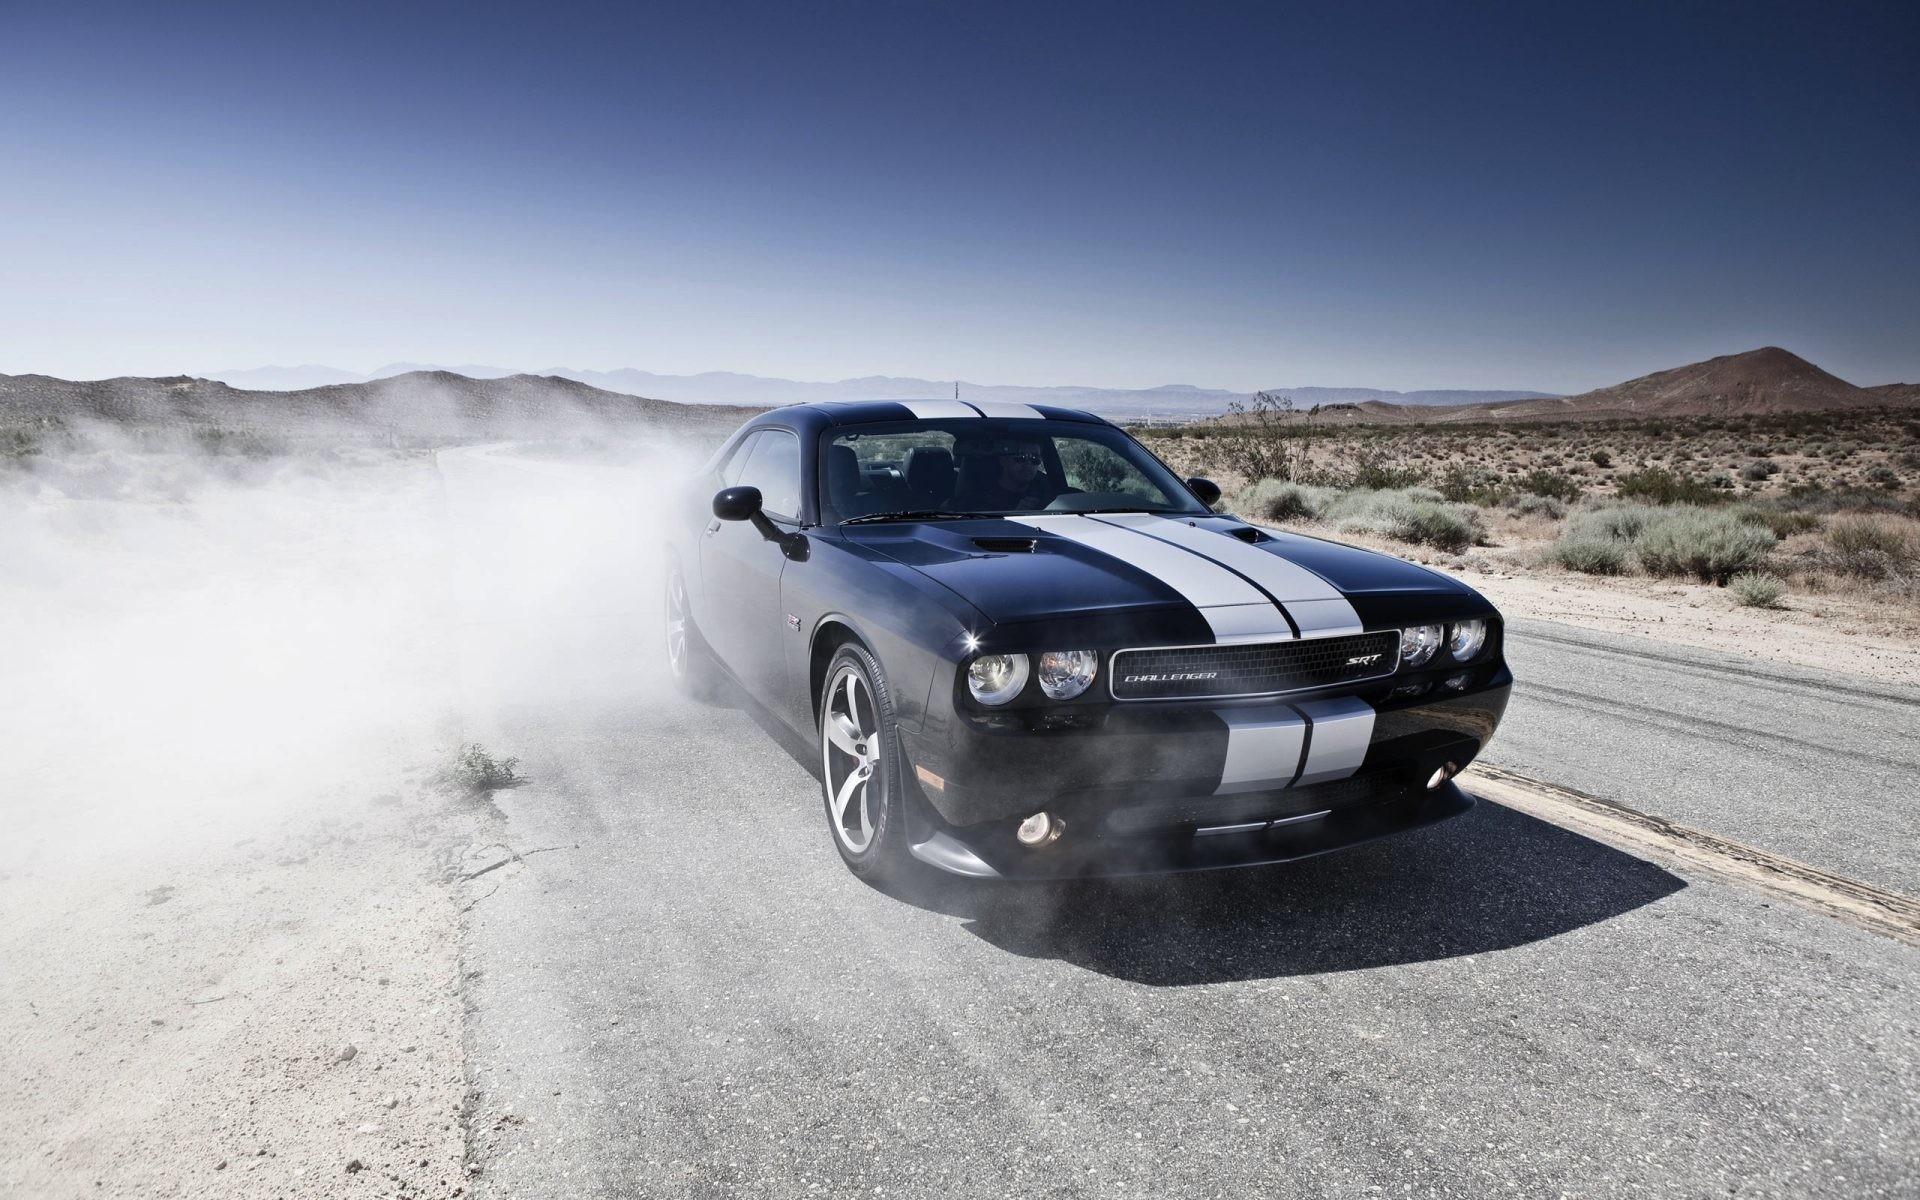 Dodge Challenger black car in the desert Full HD wallpaper